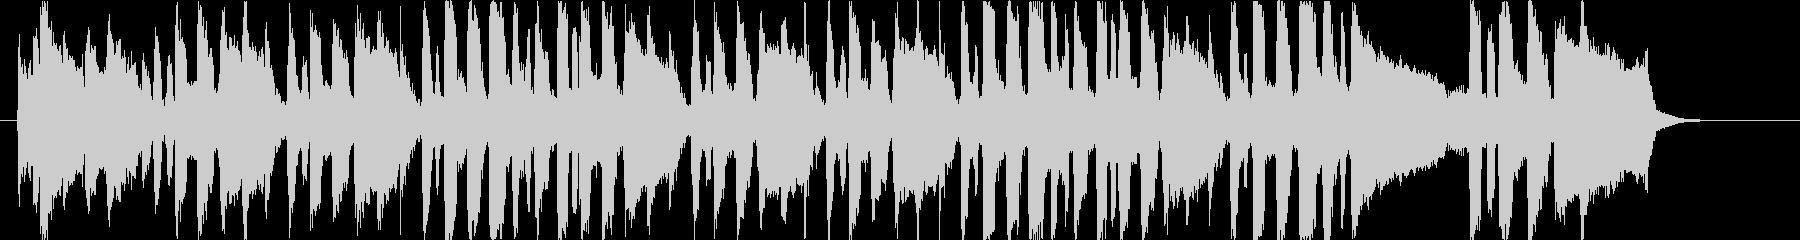 誕生日の歌(ワルツver) 【ソウスケ】の未再生の波形